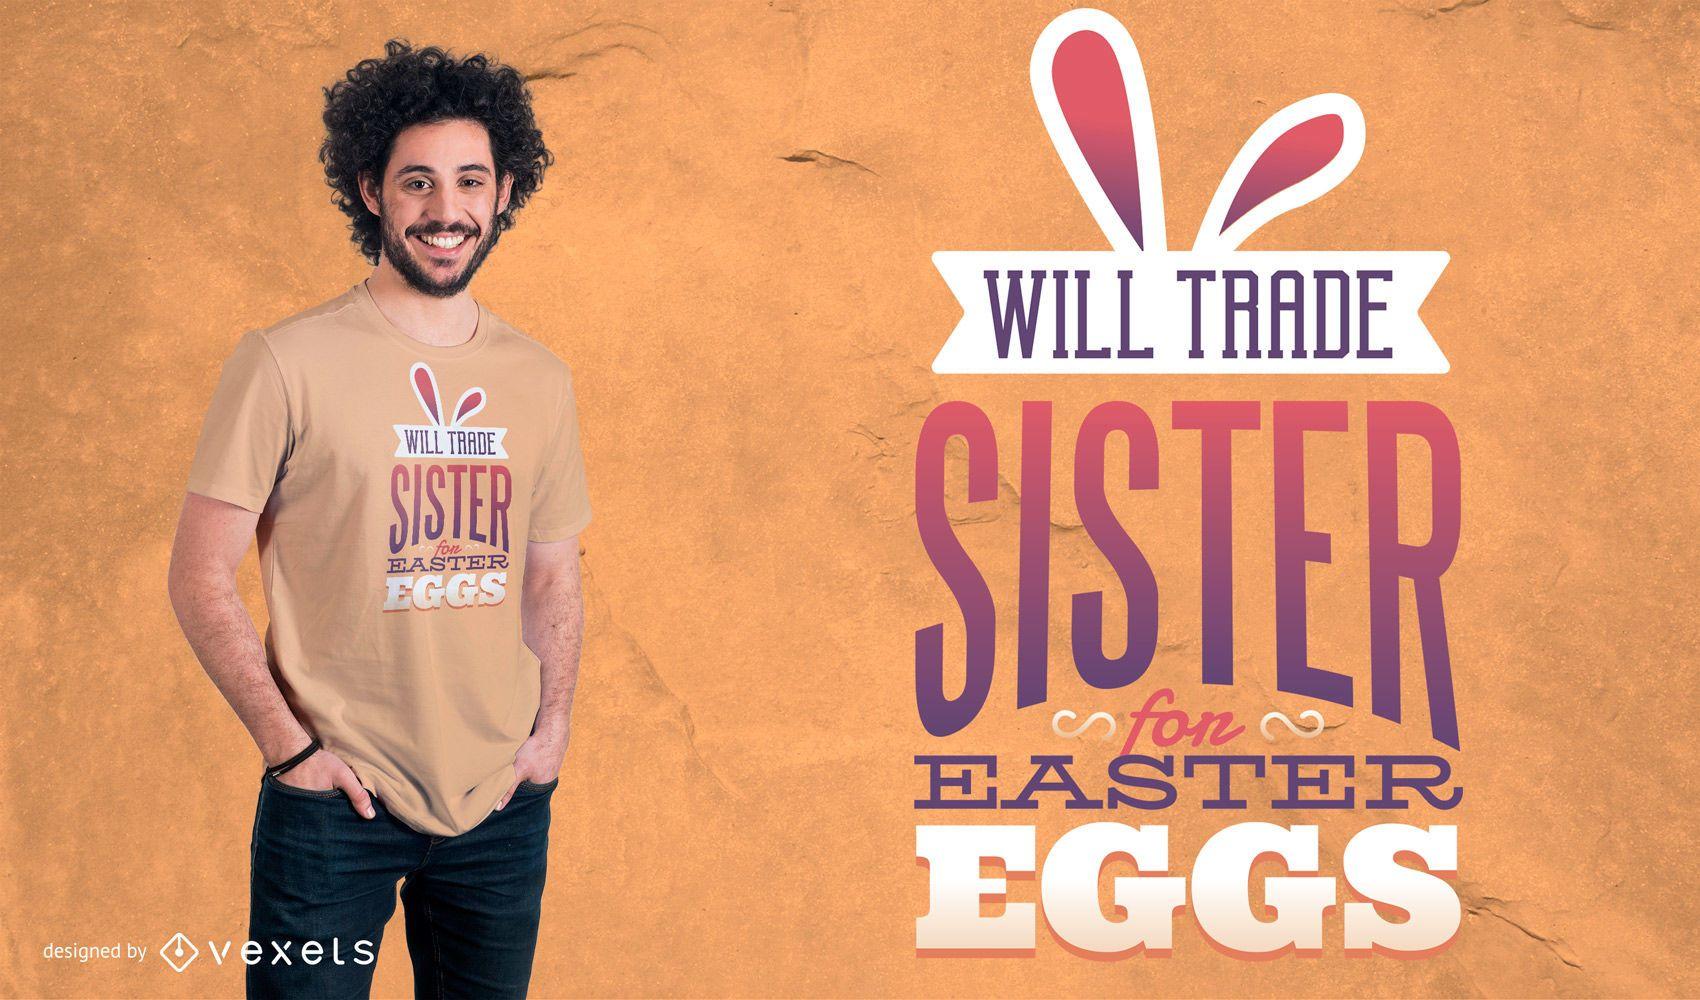 Trade Sister for Eggs T-Shirt Design